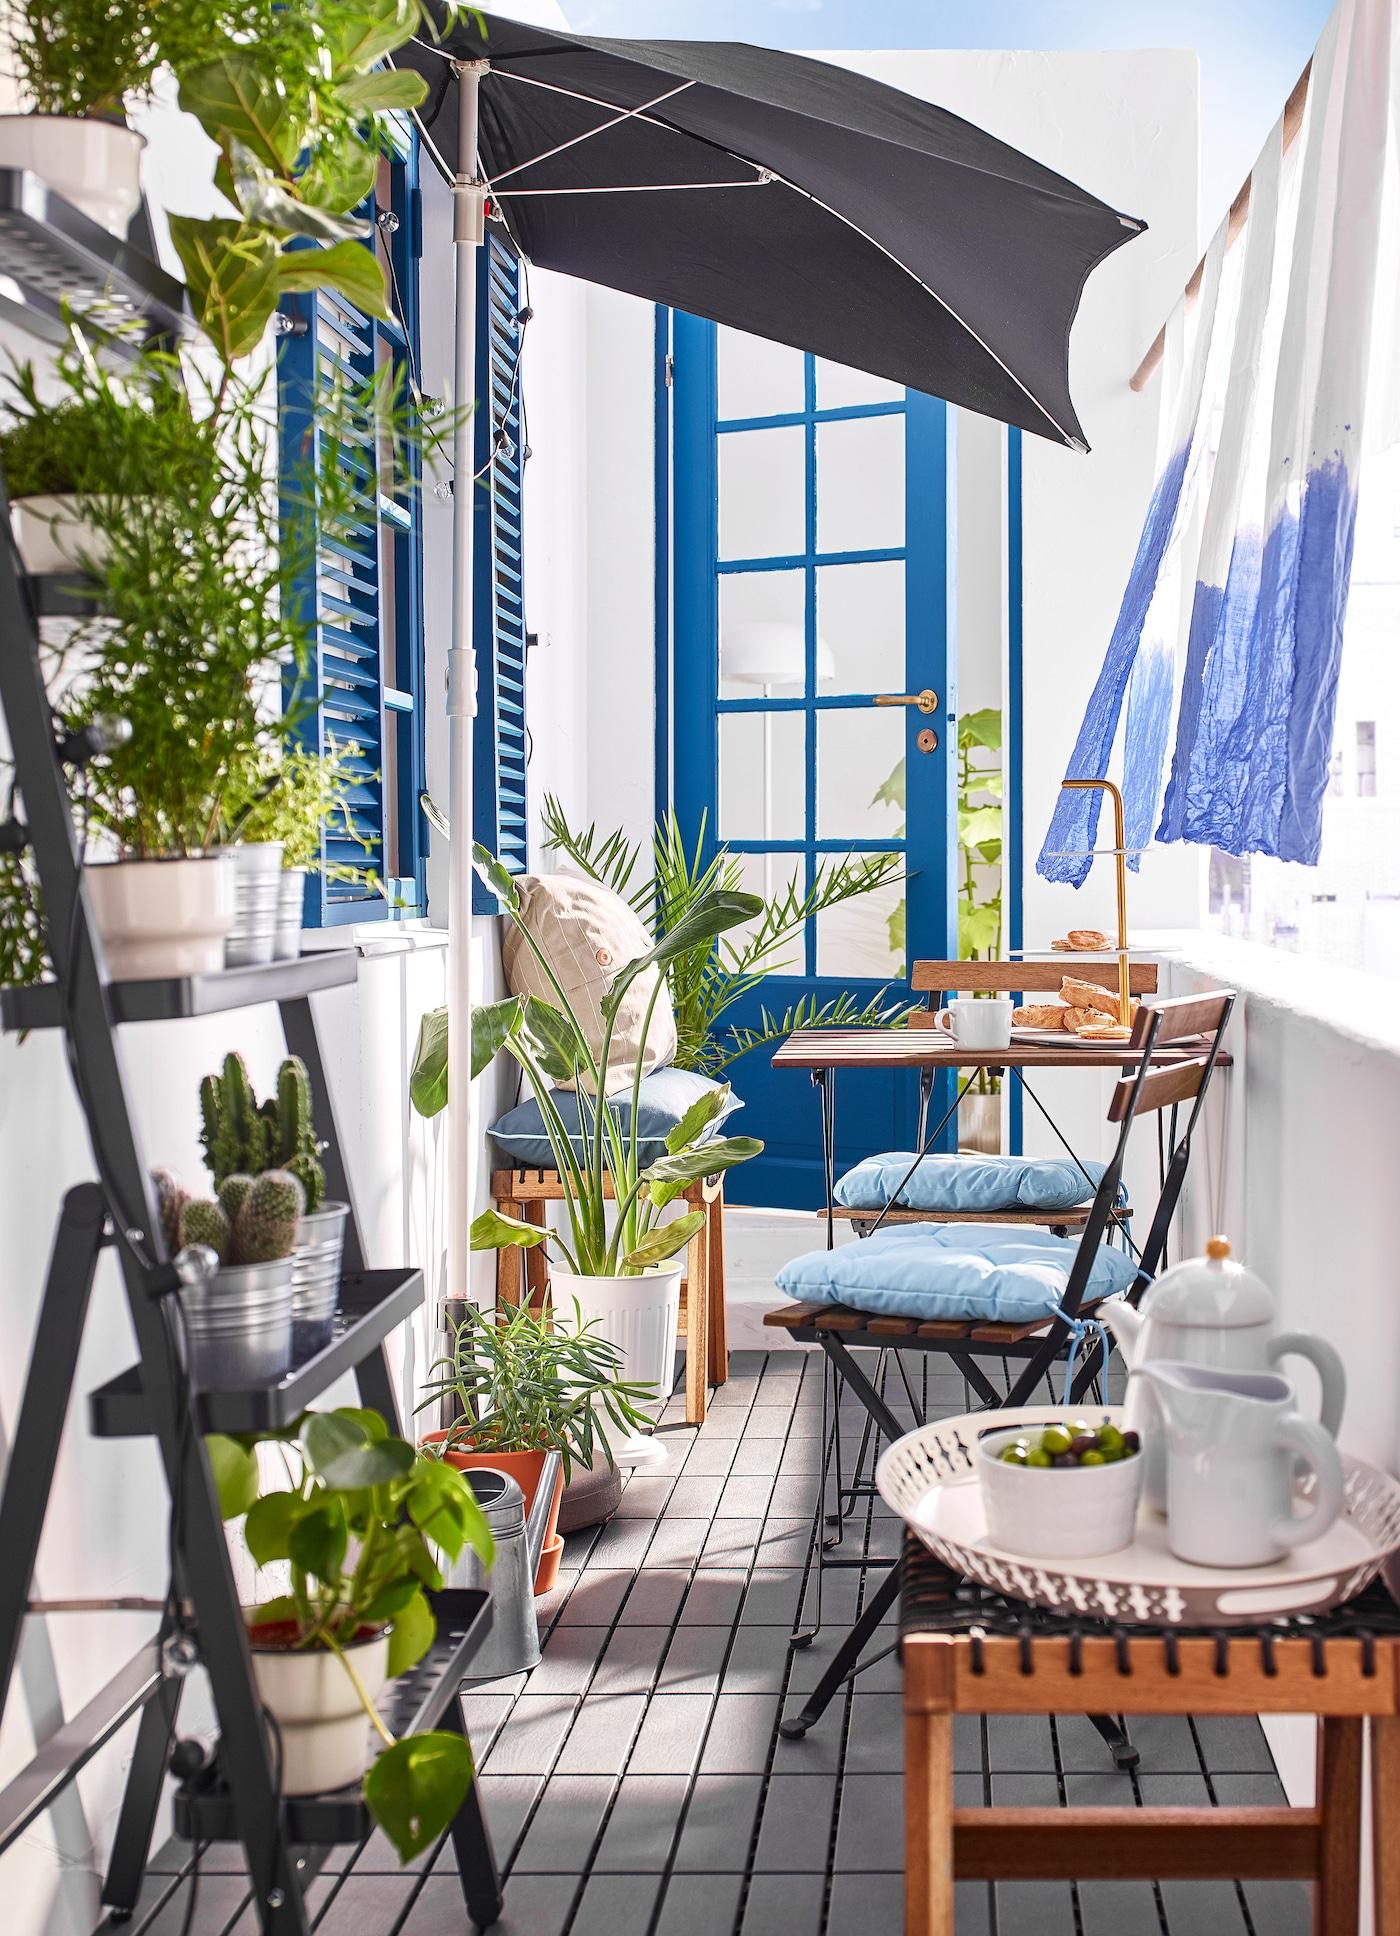 Harmaanruskeiksi petsatut IKEA TÄRNO terassikalusteet sopivat erinomaisesti ulkokahvilaan, pienelle parvekkeelle ja terassille.